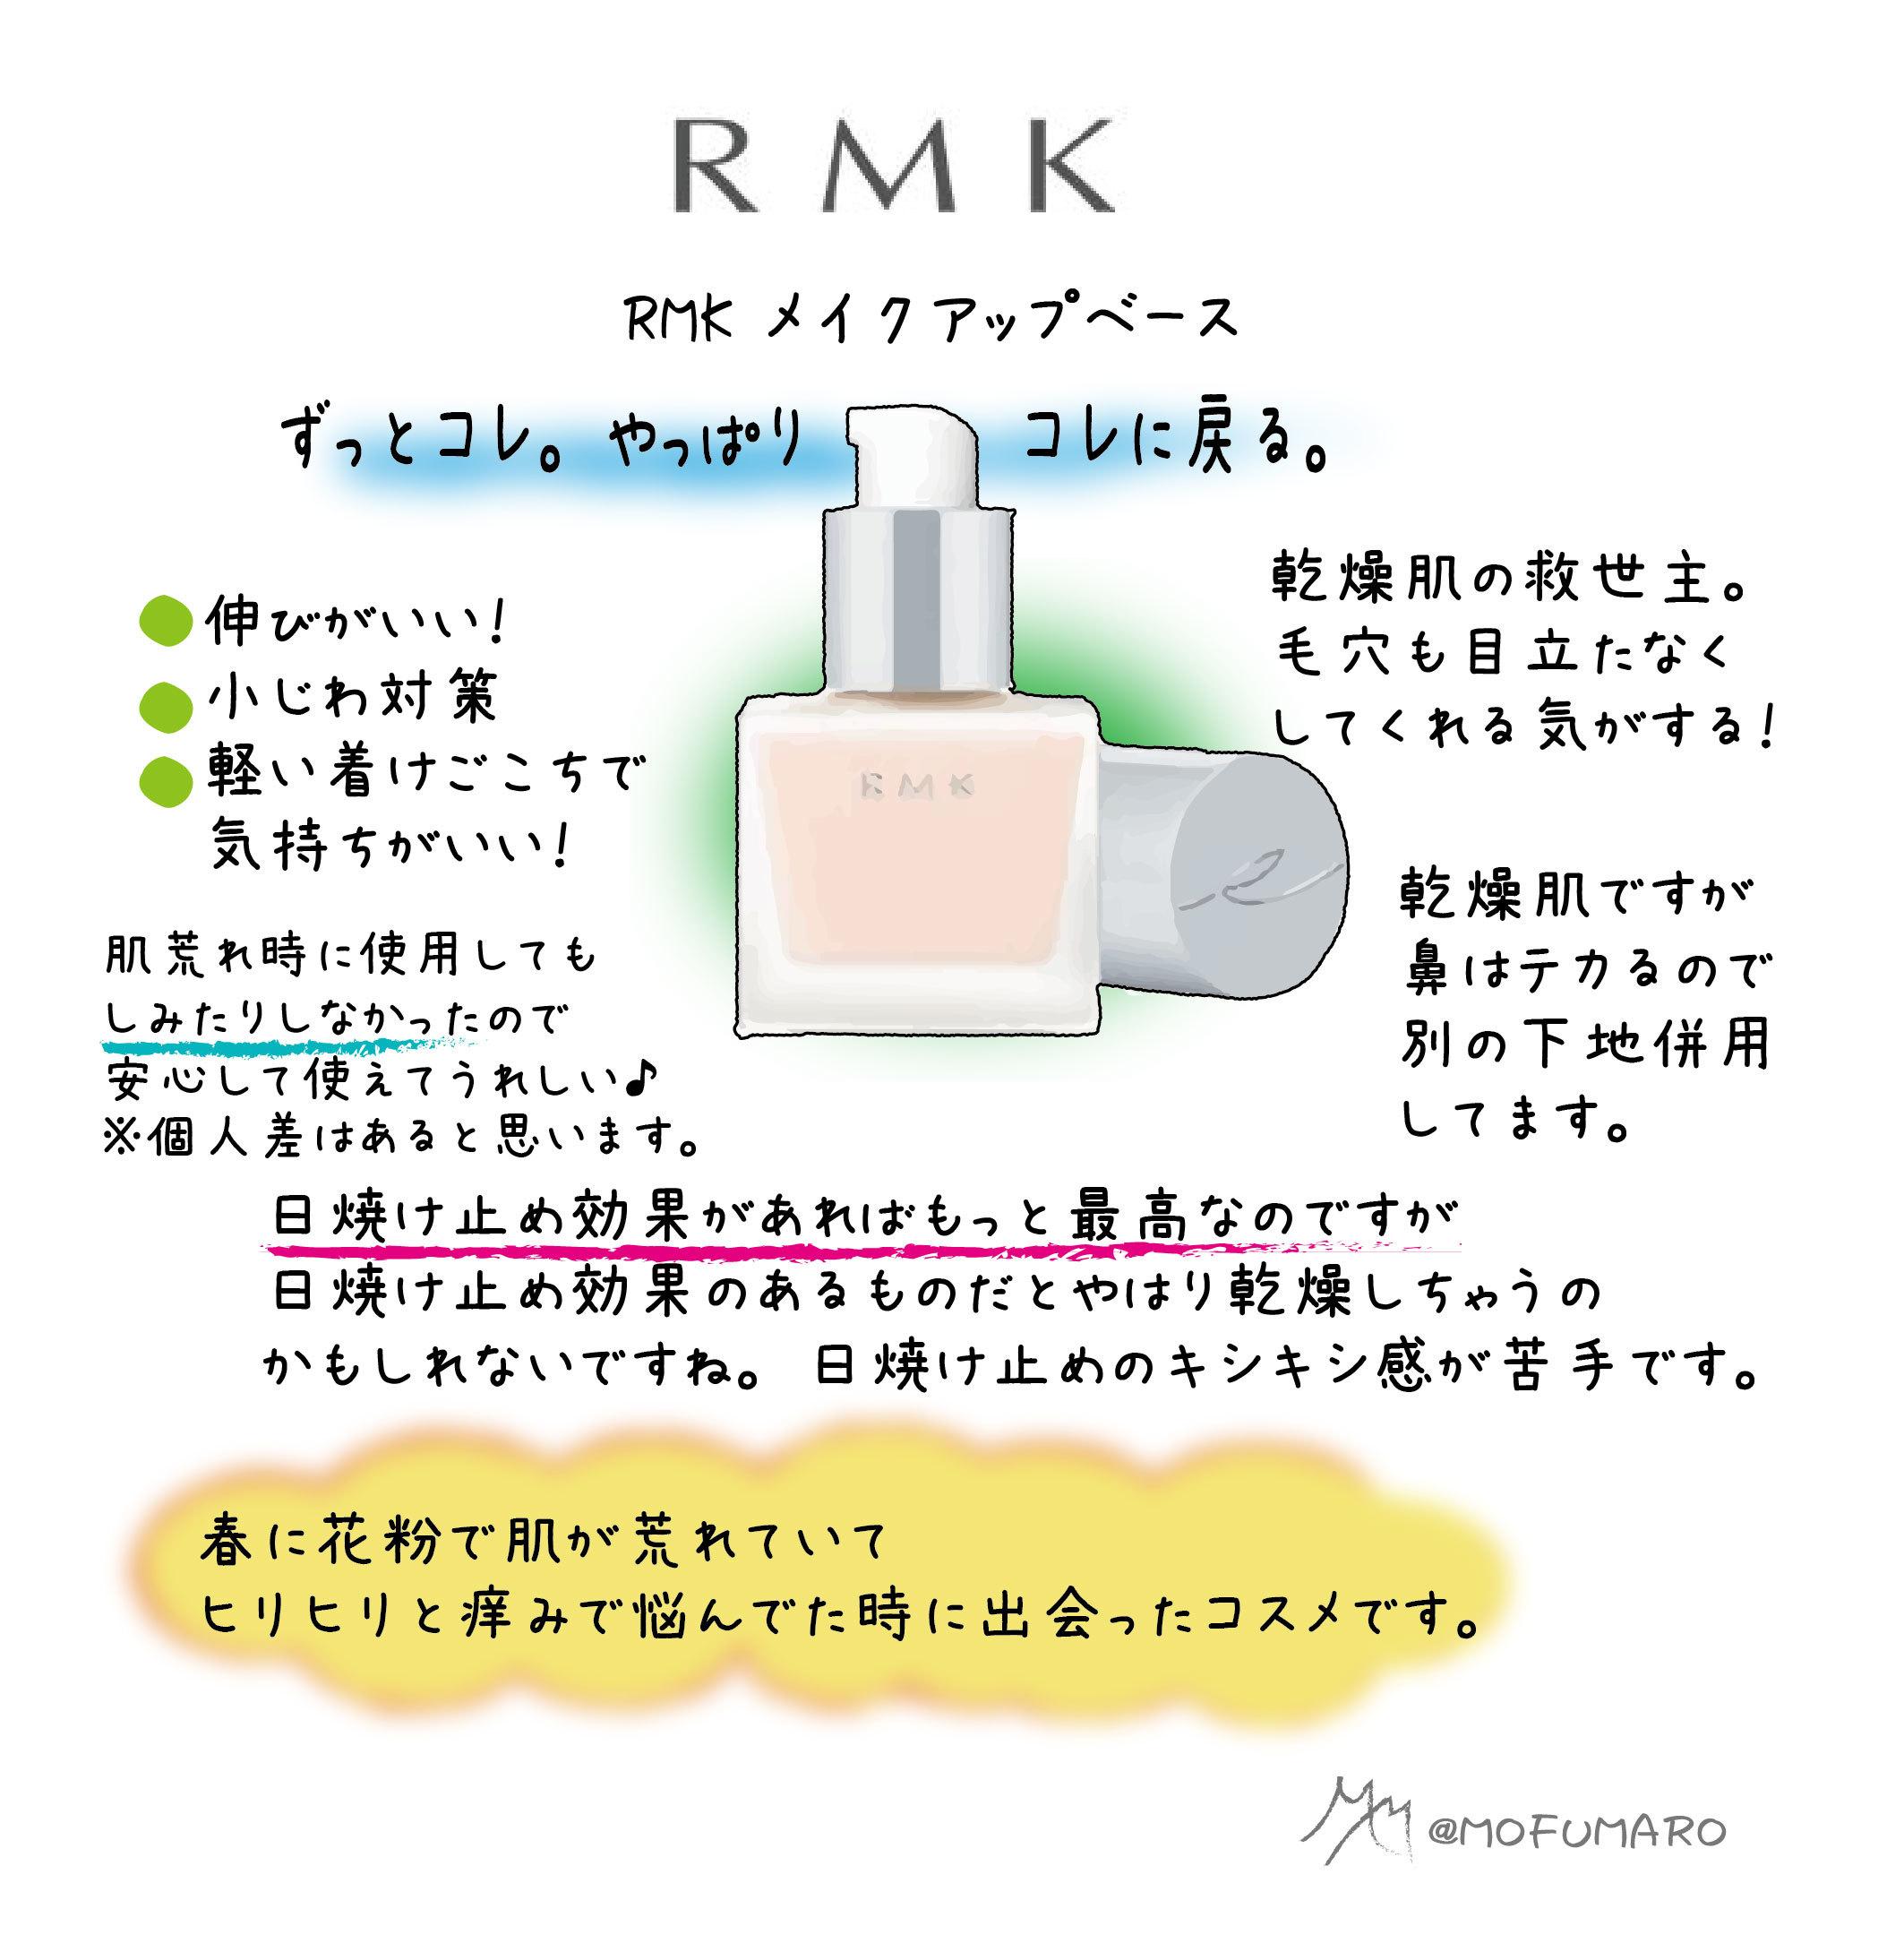 メイク ベース rmk アップ